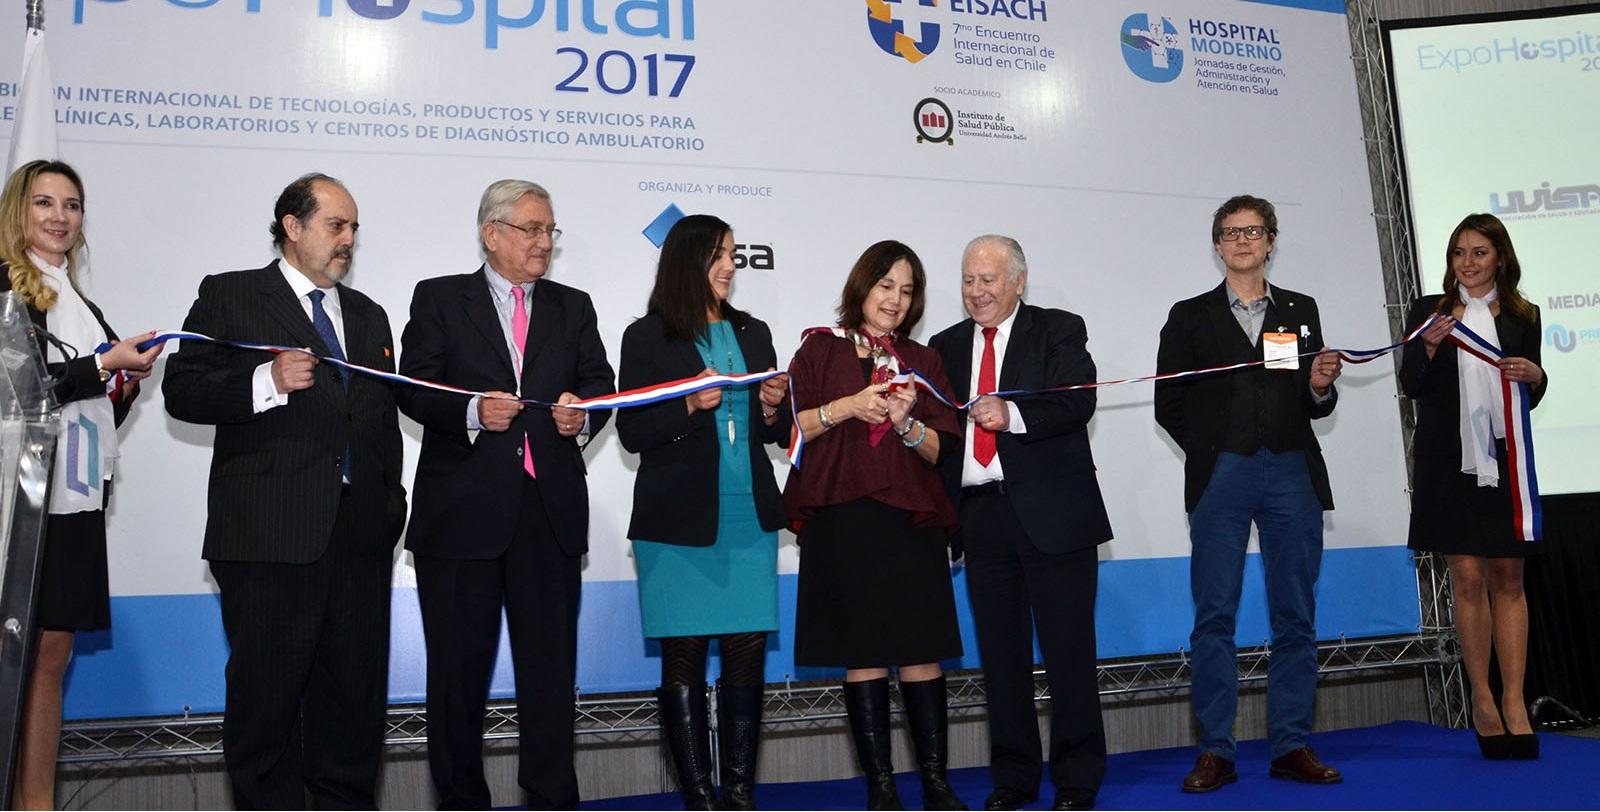 expo-hospital-2017-34B